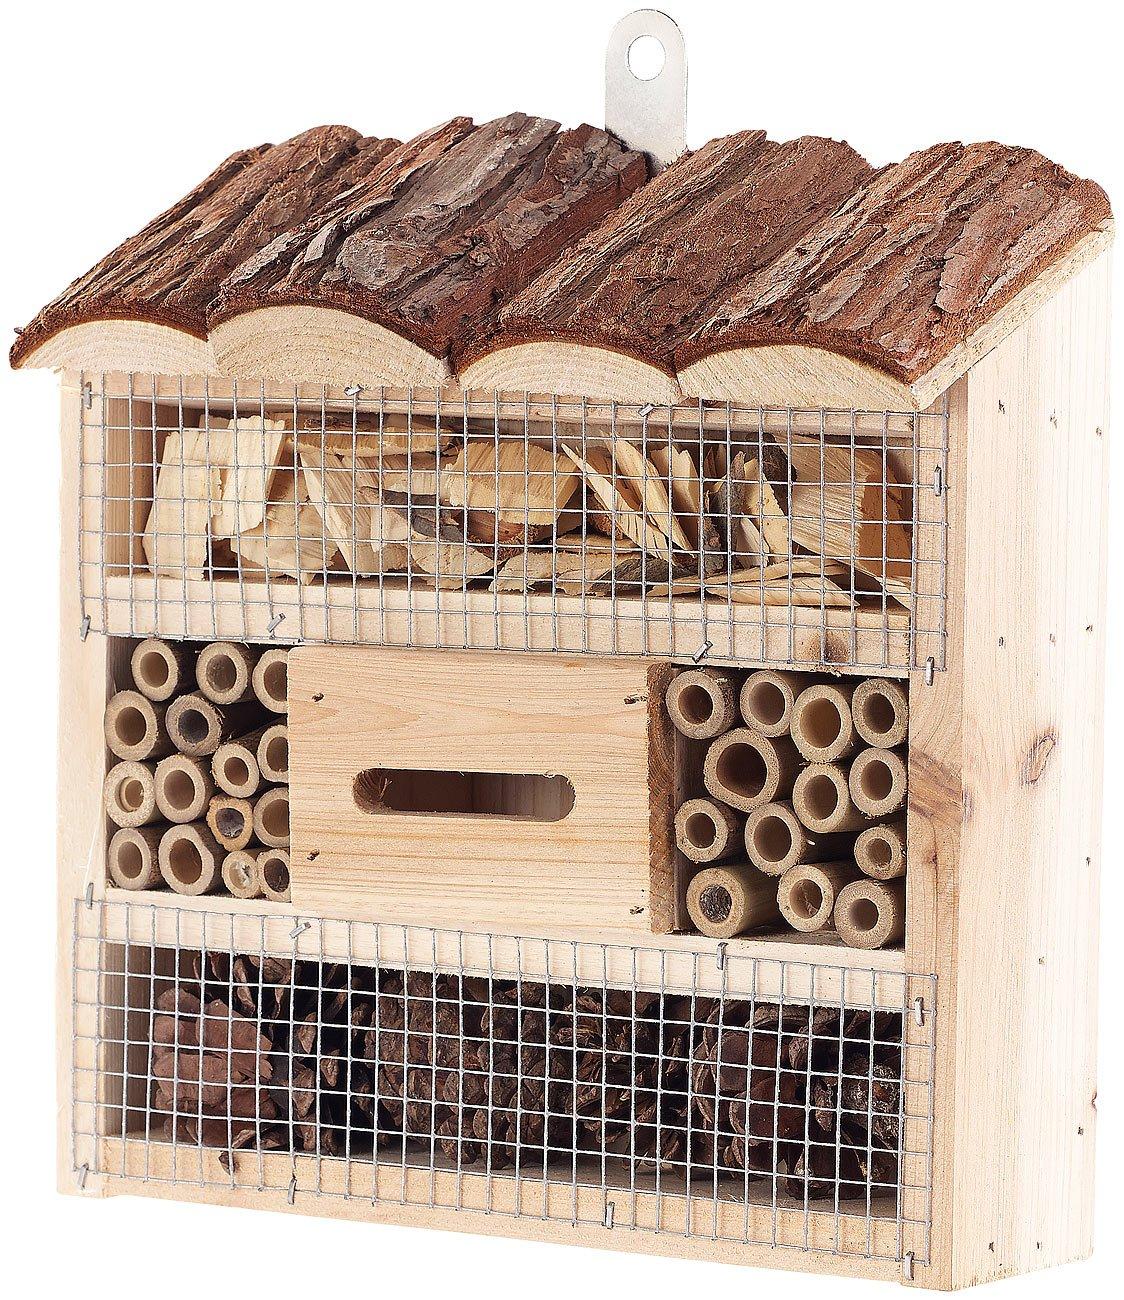 Hôtel à insectes pour jardin, cour, balcon ou terrasse - Petit Royal gardineer